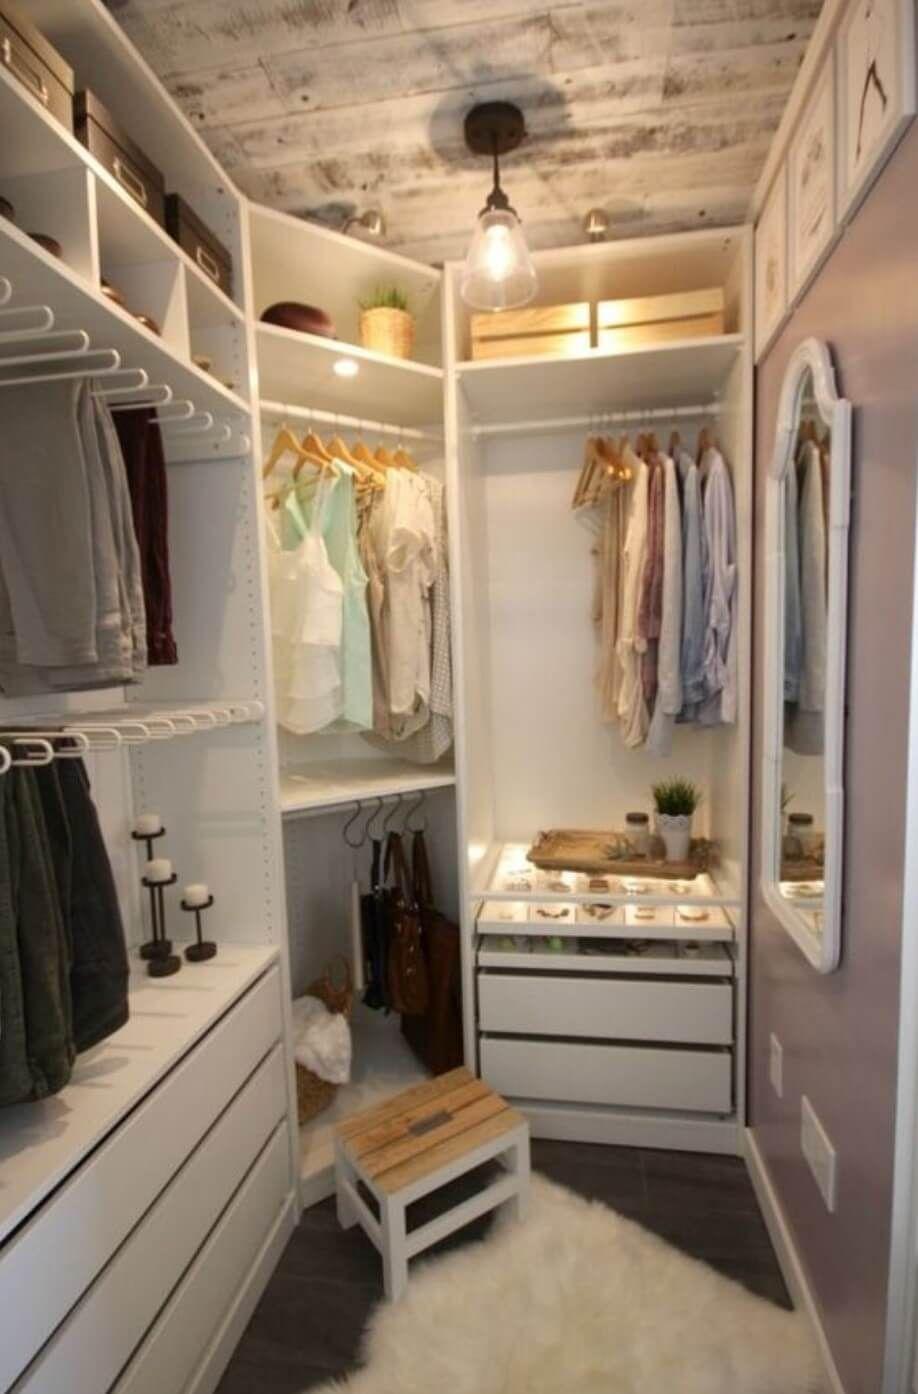 13 Creative Ways To Create A Wardrobe With Low Budget V 2020 G Shkafy Dlya Malenkoj Spalni Organizaciya Shkafa V Spalne Malenkij Shkaf